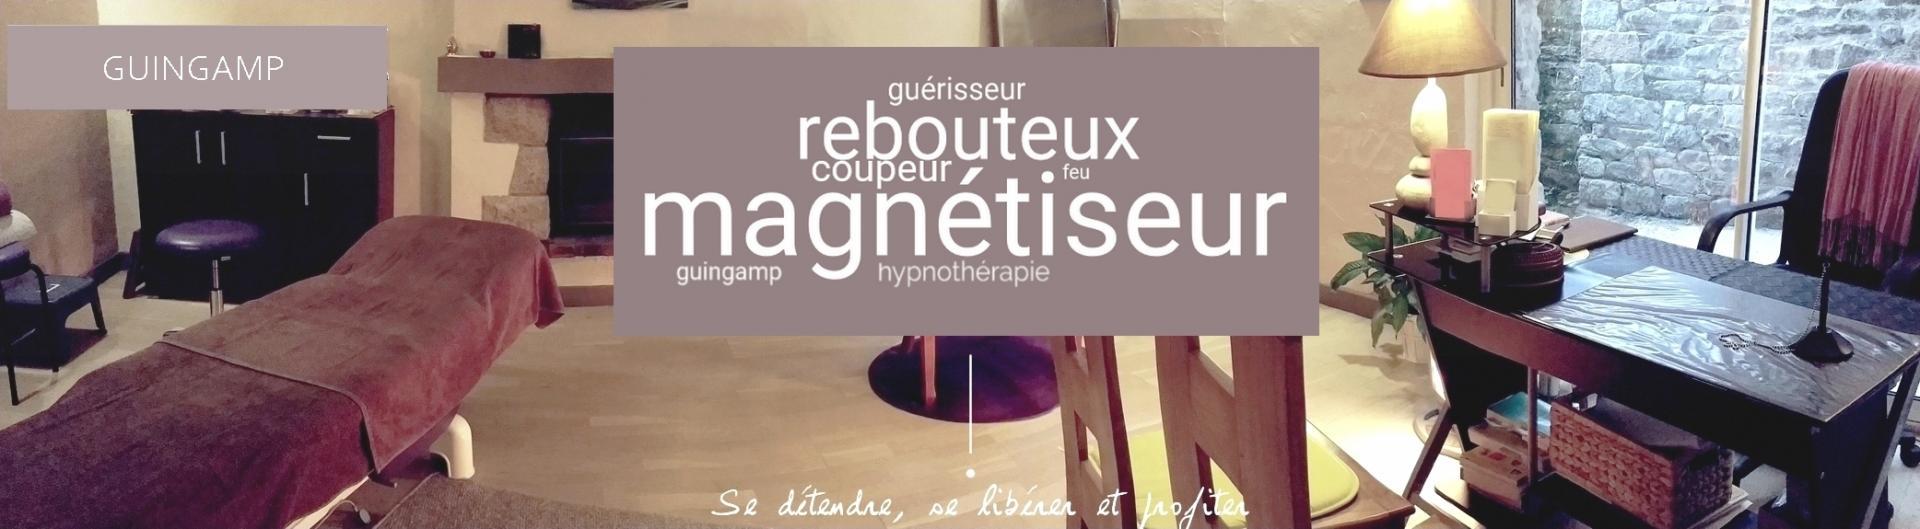 MAGNETISEUR - HYPNOTHERAPEUTE - REBOUTEUX